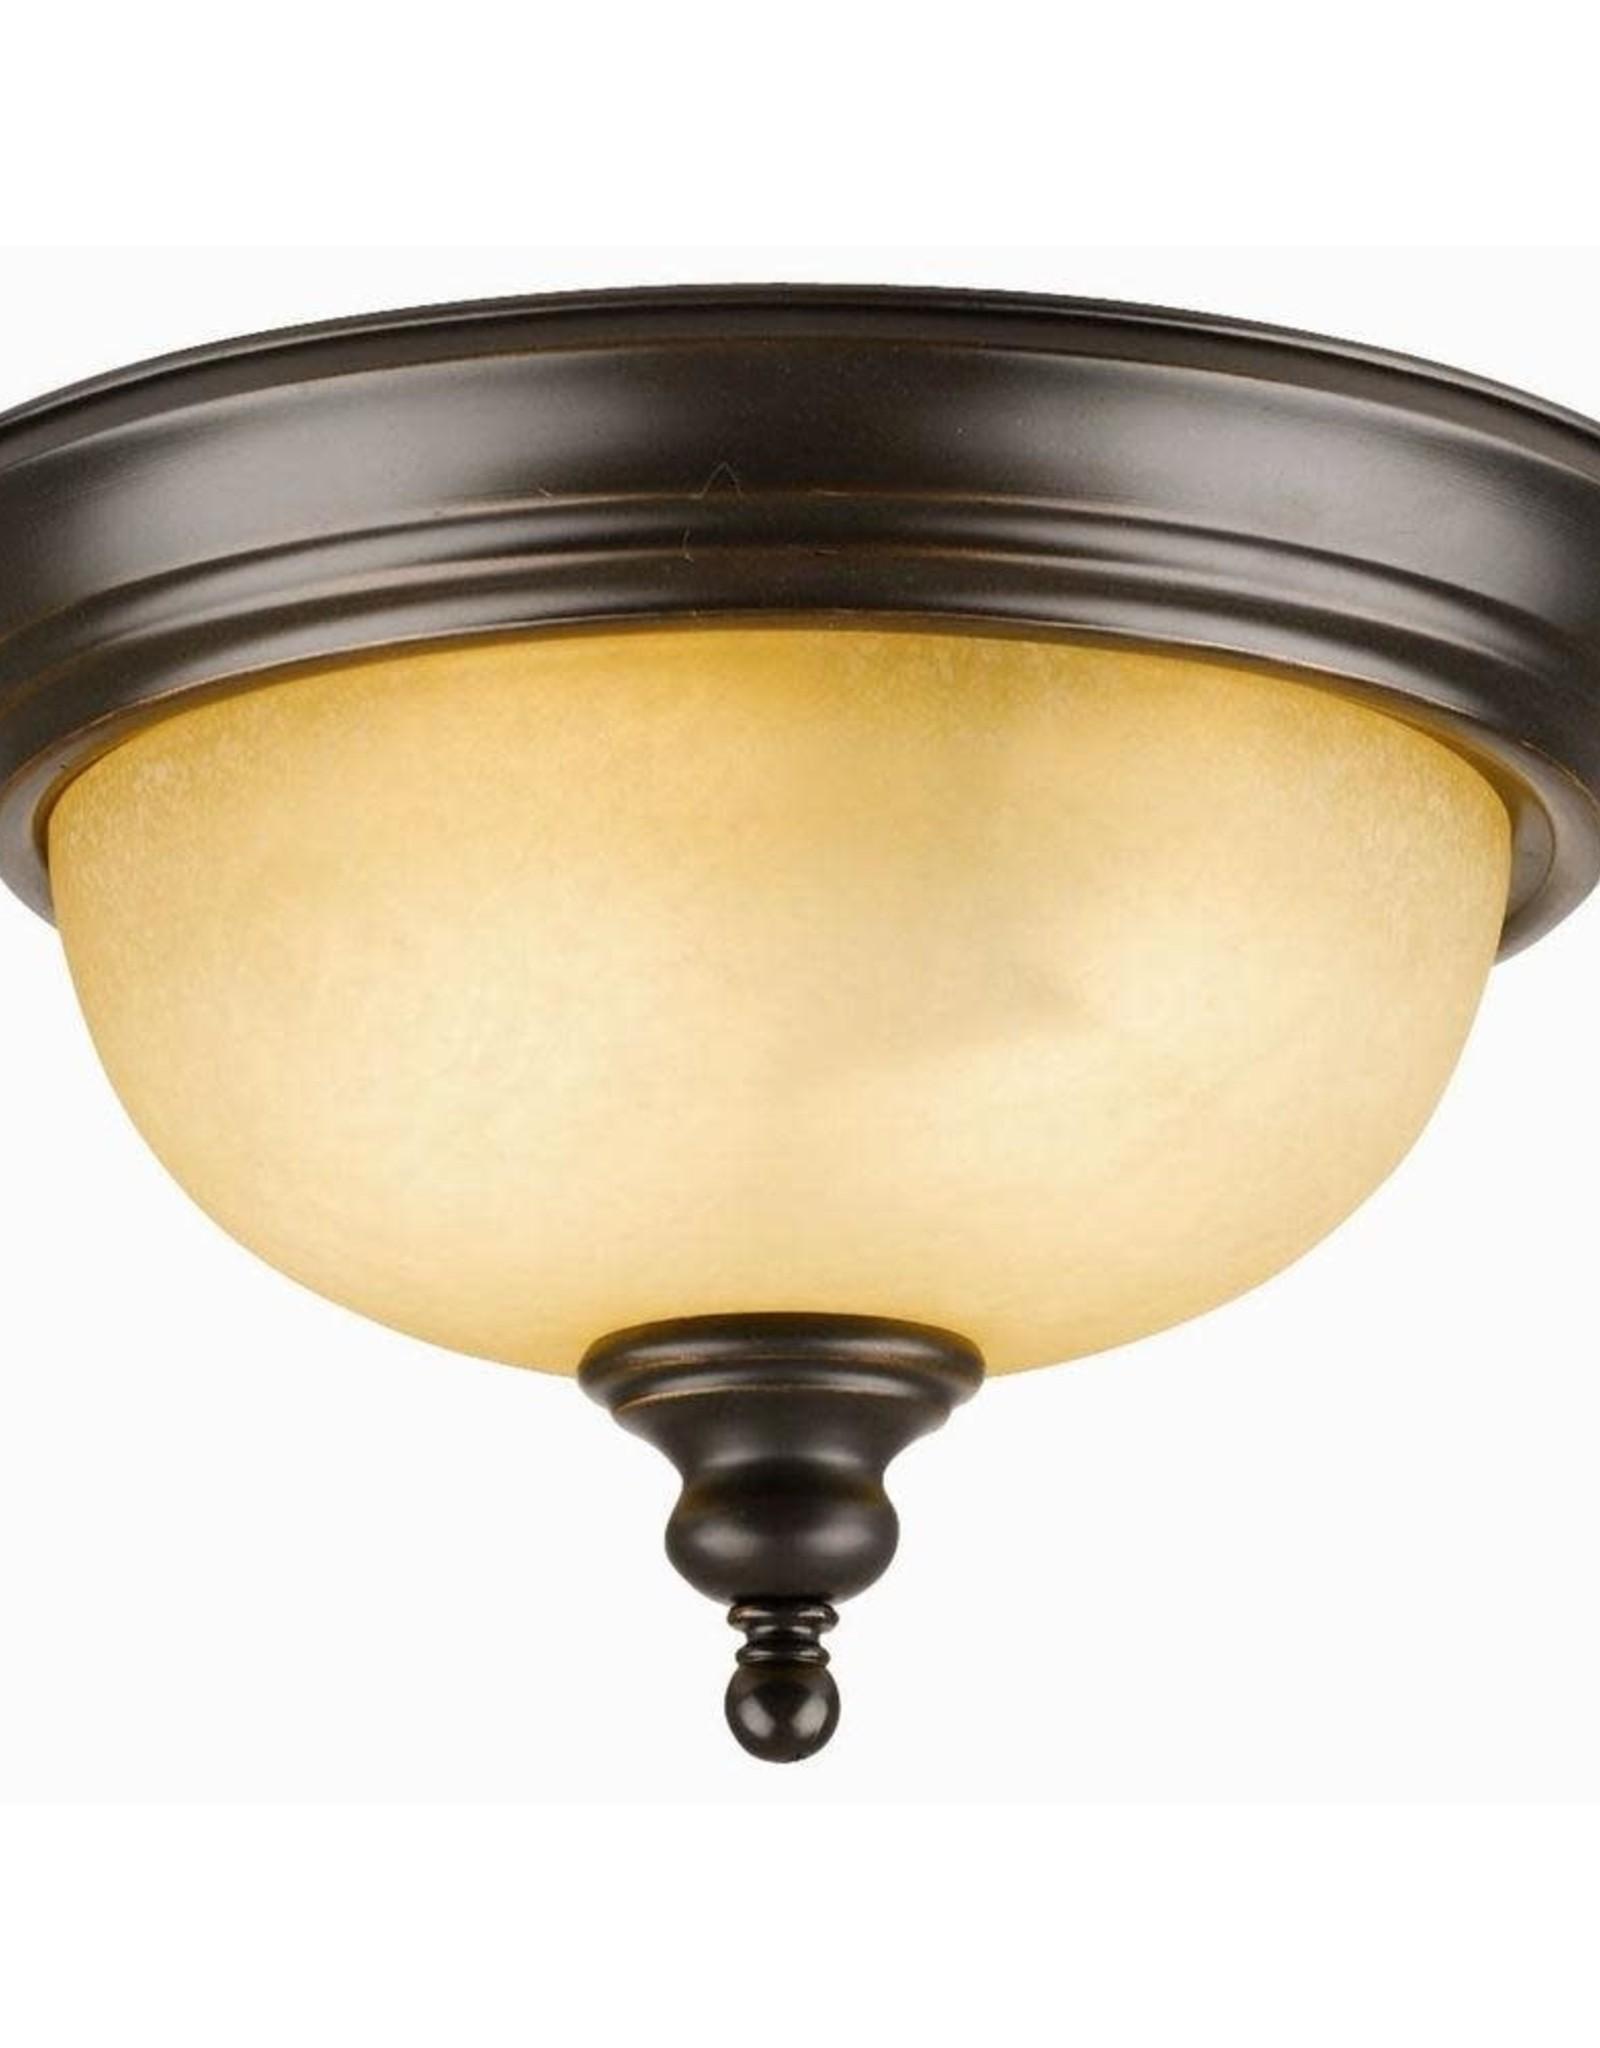 Design House Bristol 2-Light Oil Rubbed Bronze Ceiling Semi Flush Mount Light